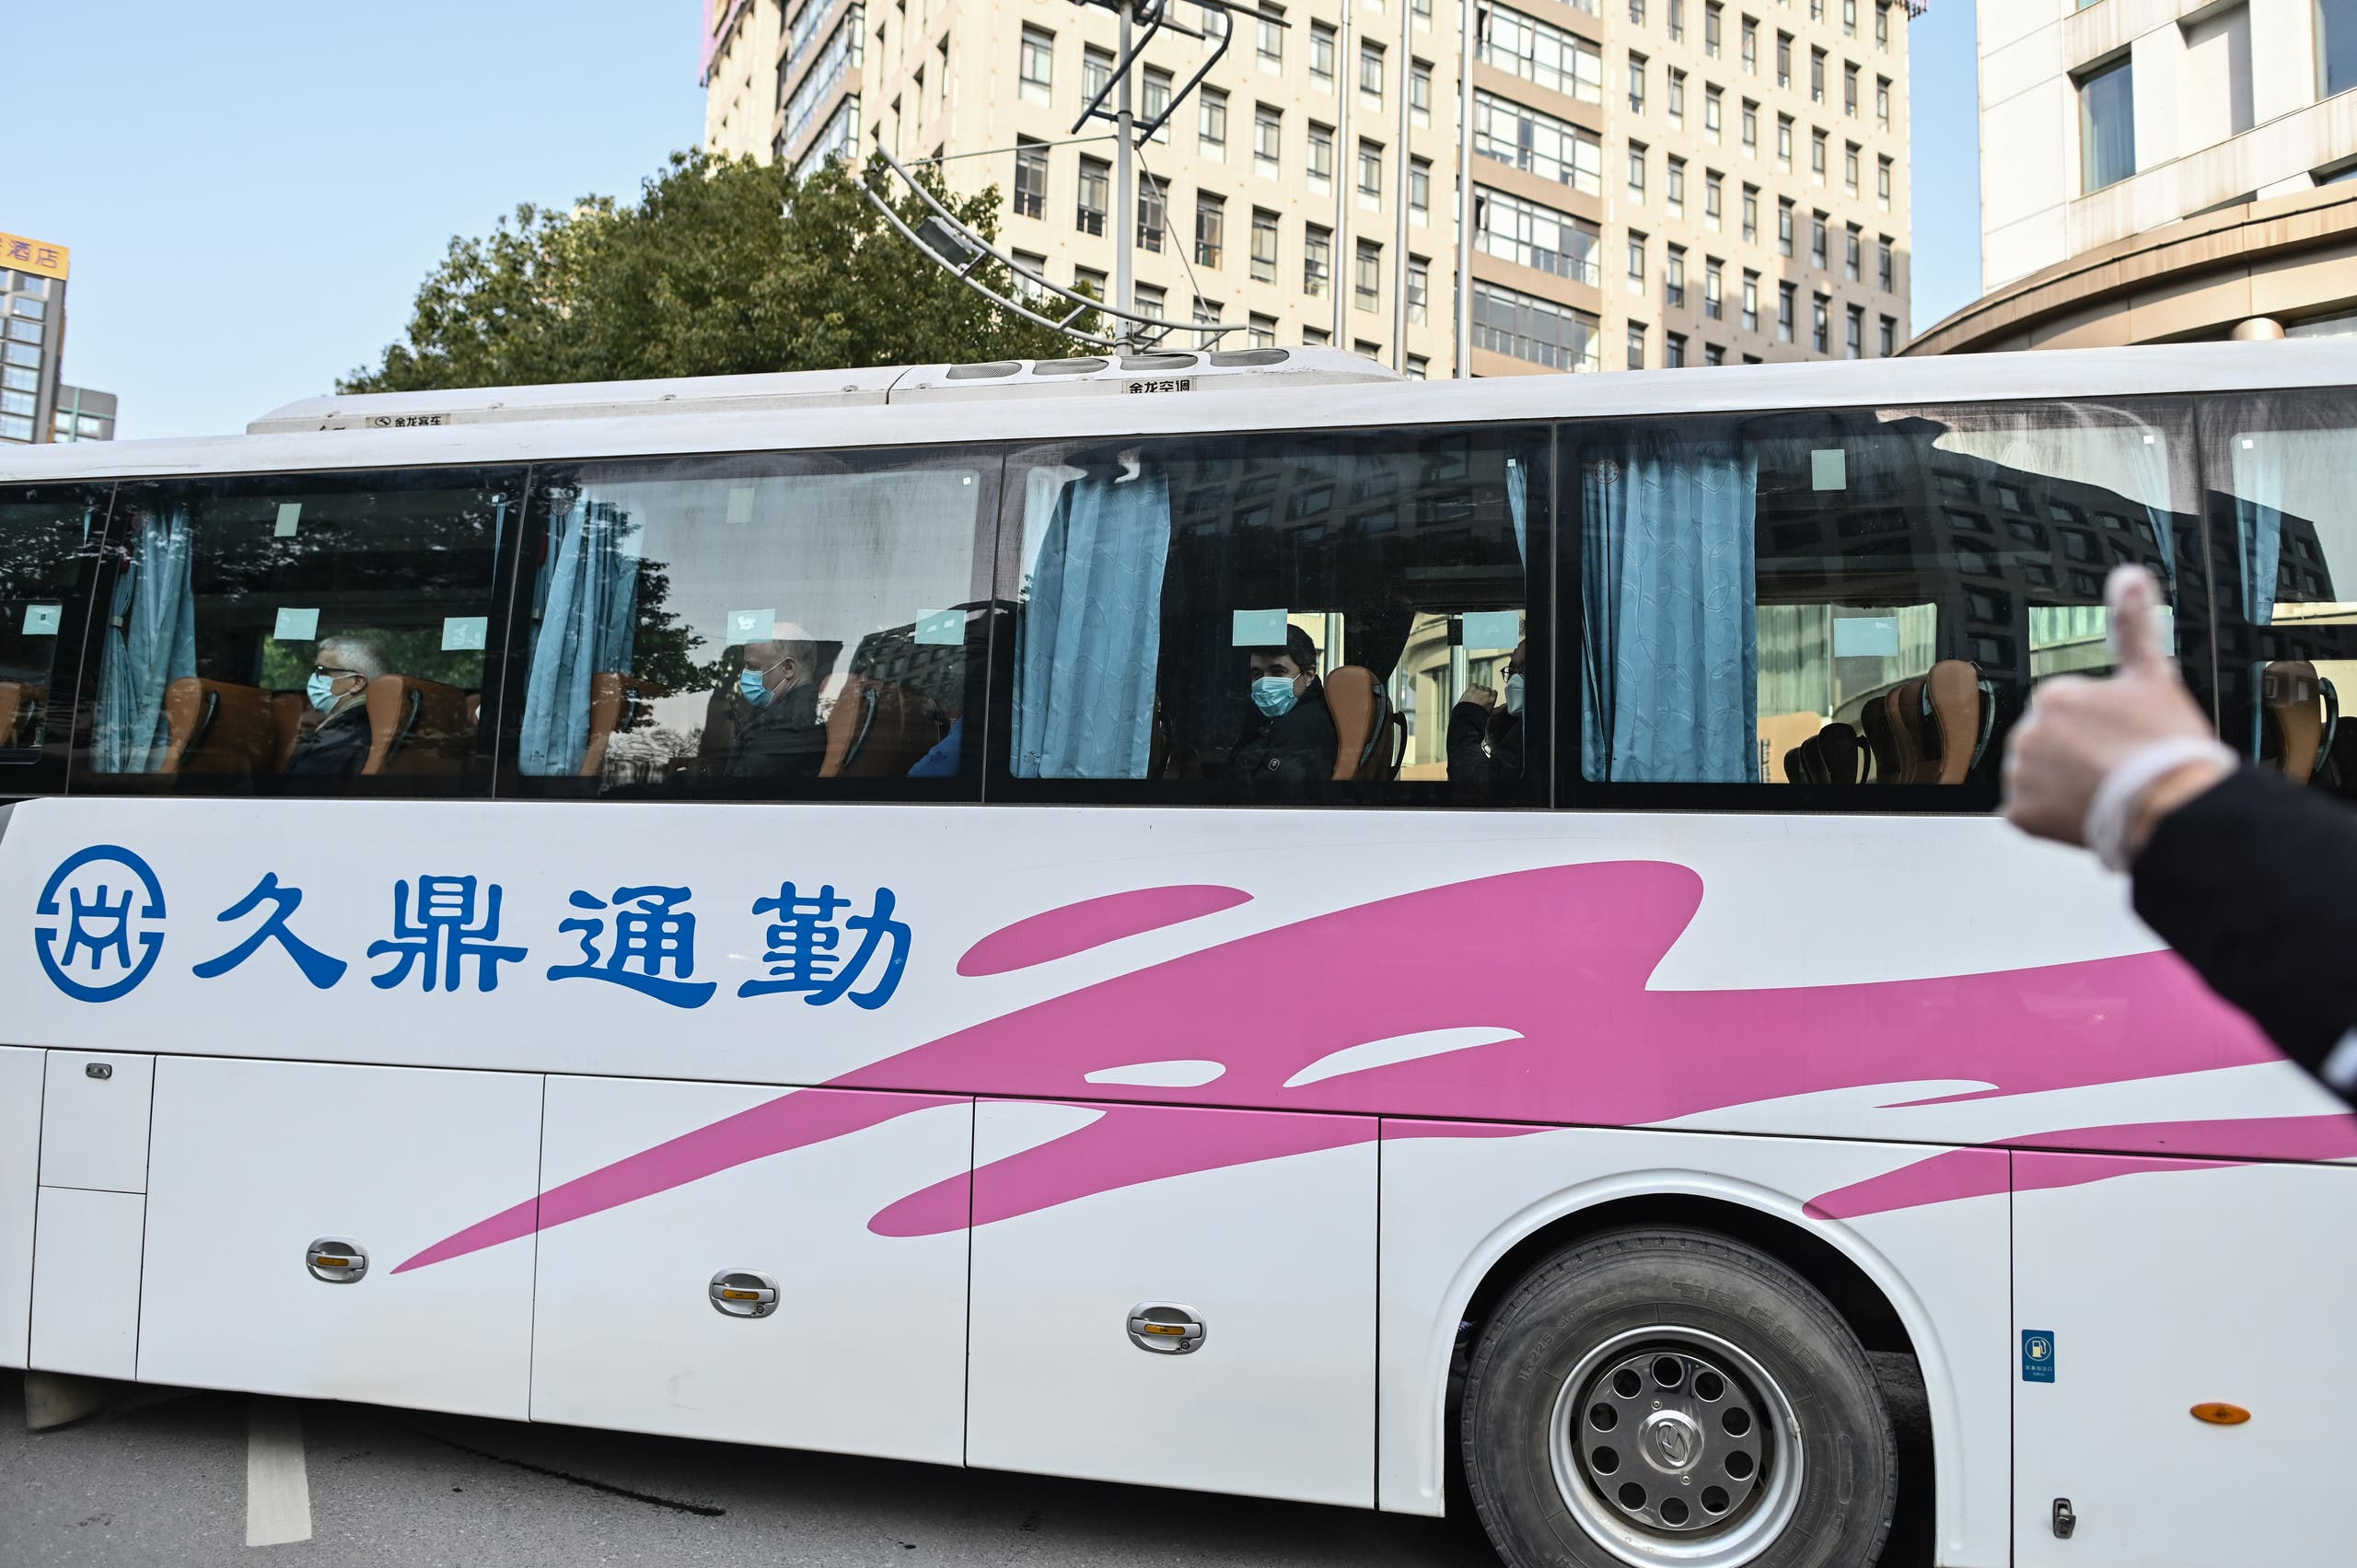 الباص الذي يقل خبراء الصحة العالمية في ووهان